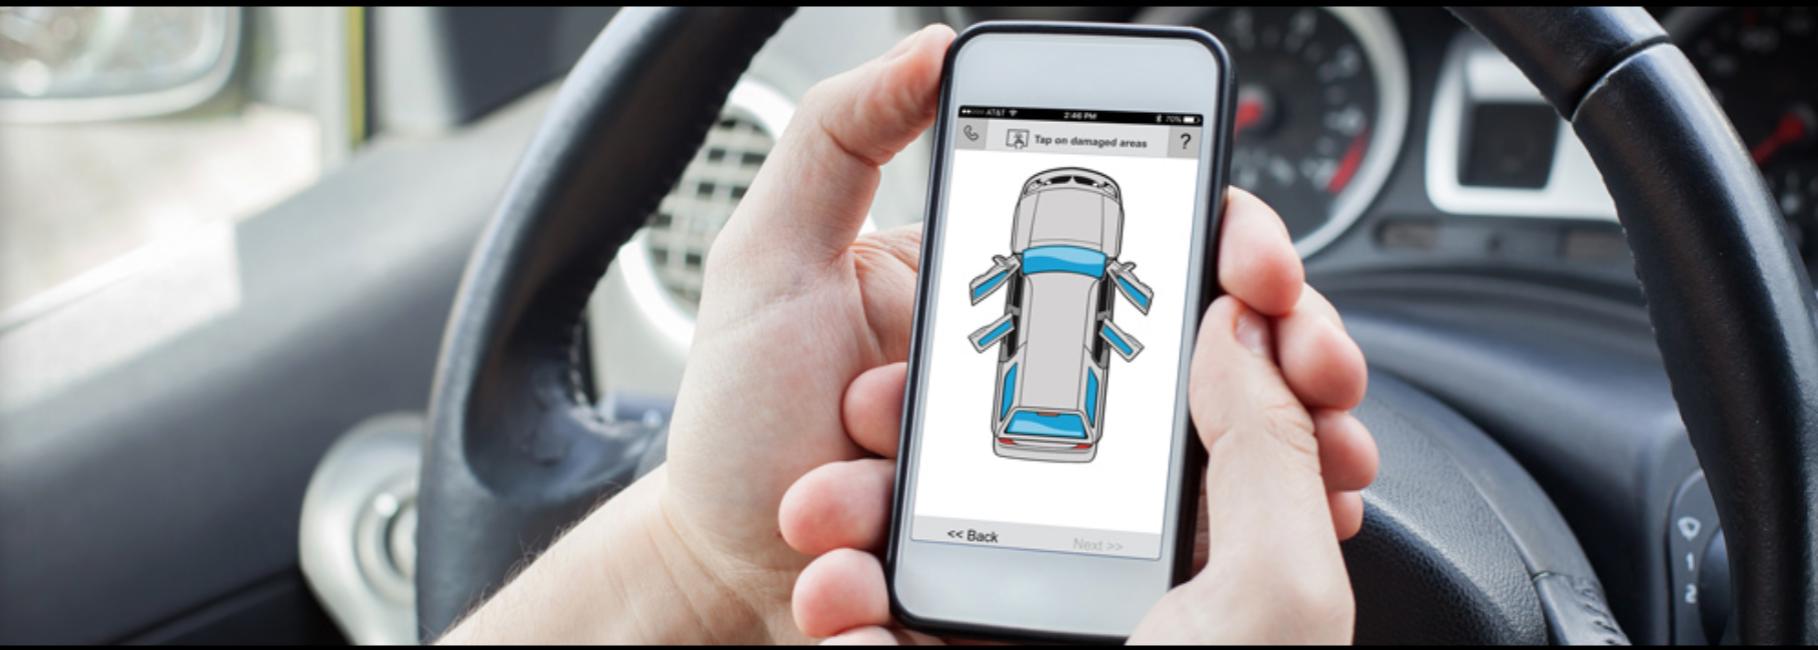 Online Auto Body Estimate